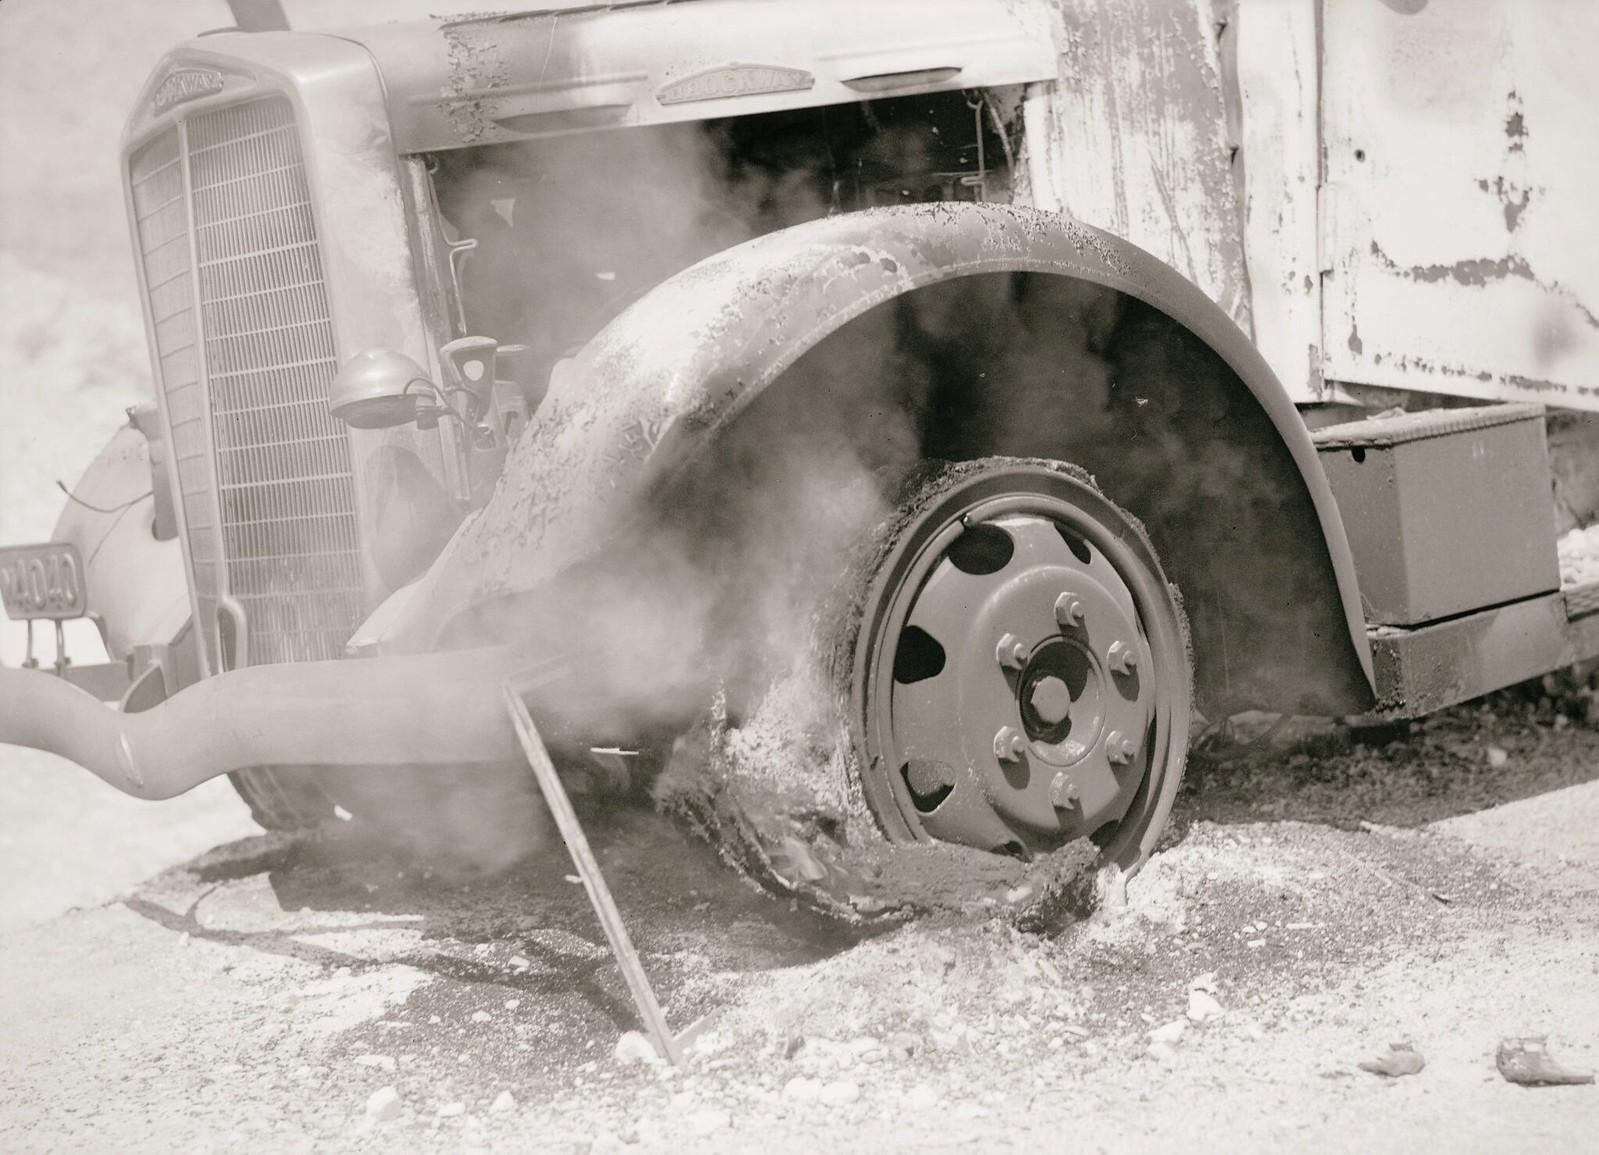 20. 1938. На дороге в Иерихон сгорели грузовики с калийными удобрениями. Огромная резиновая шина грузовика все еще пылала, когда на следующее утро был сделан